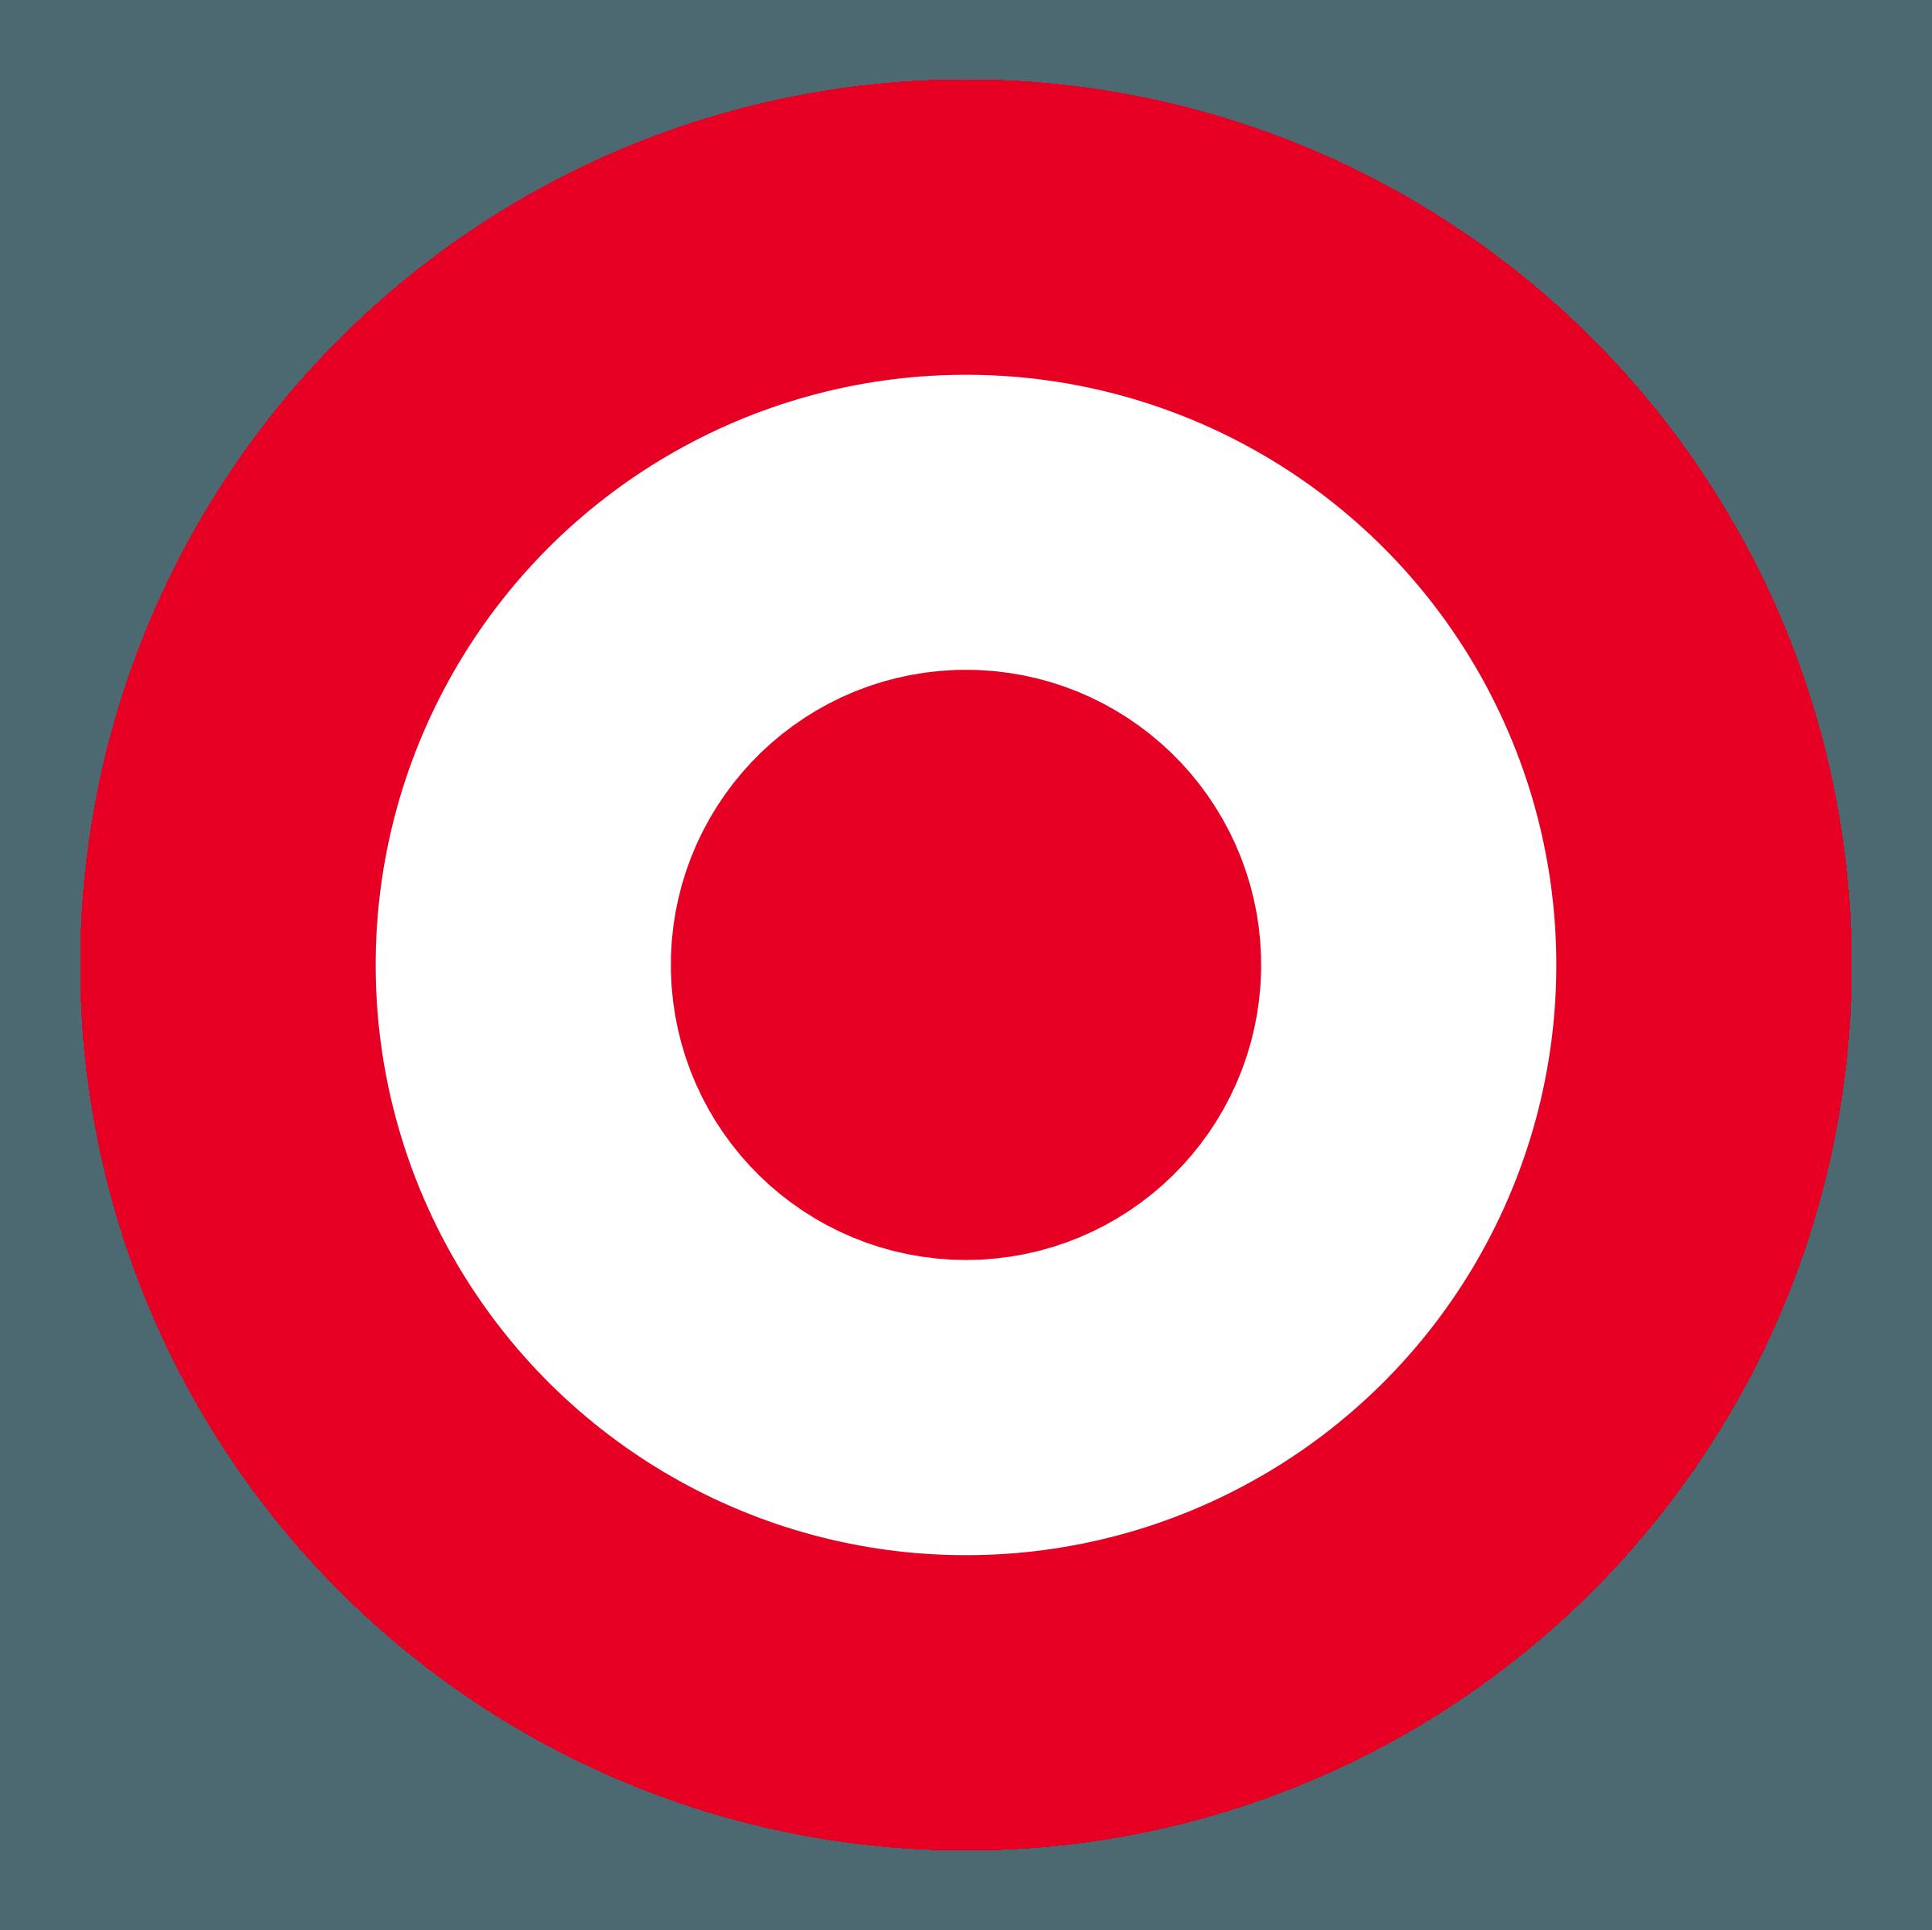 Target Logo PNG Transparent & SVG Vector - Freebie Supply